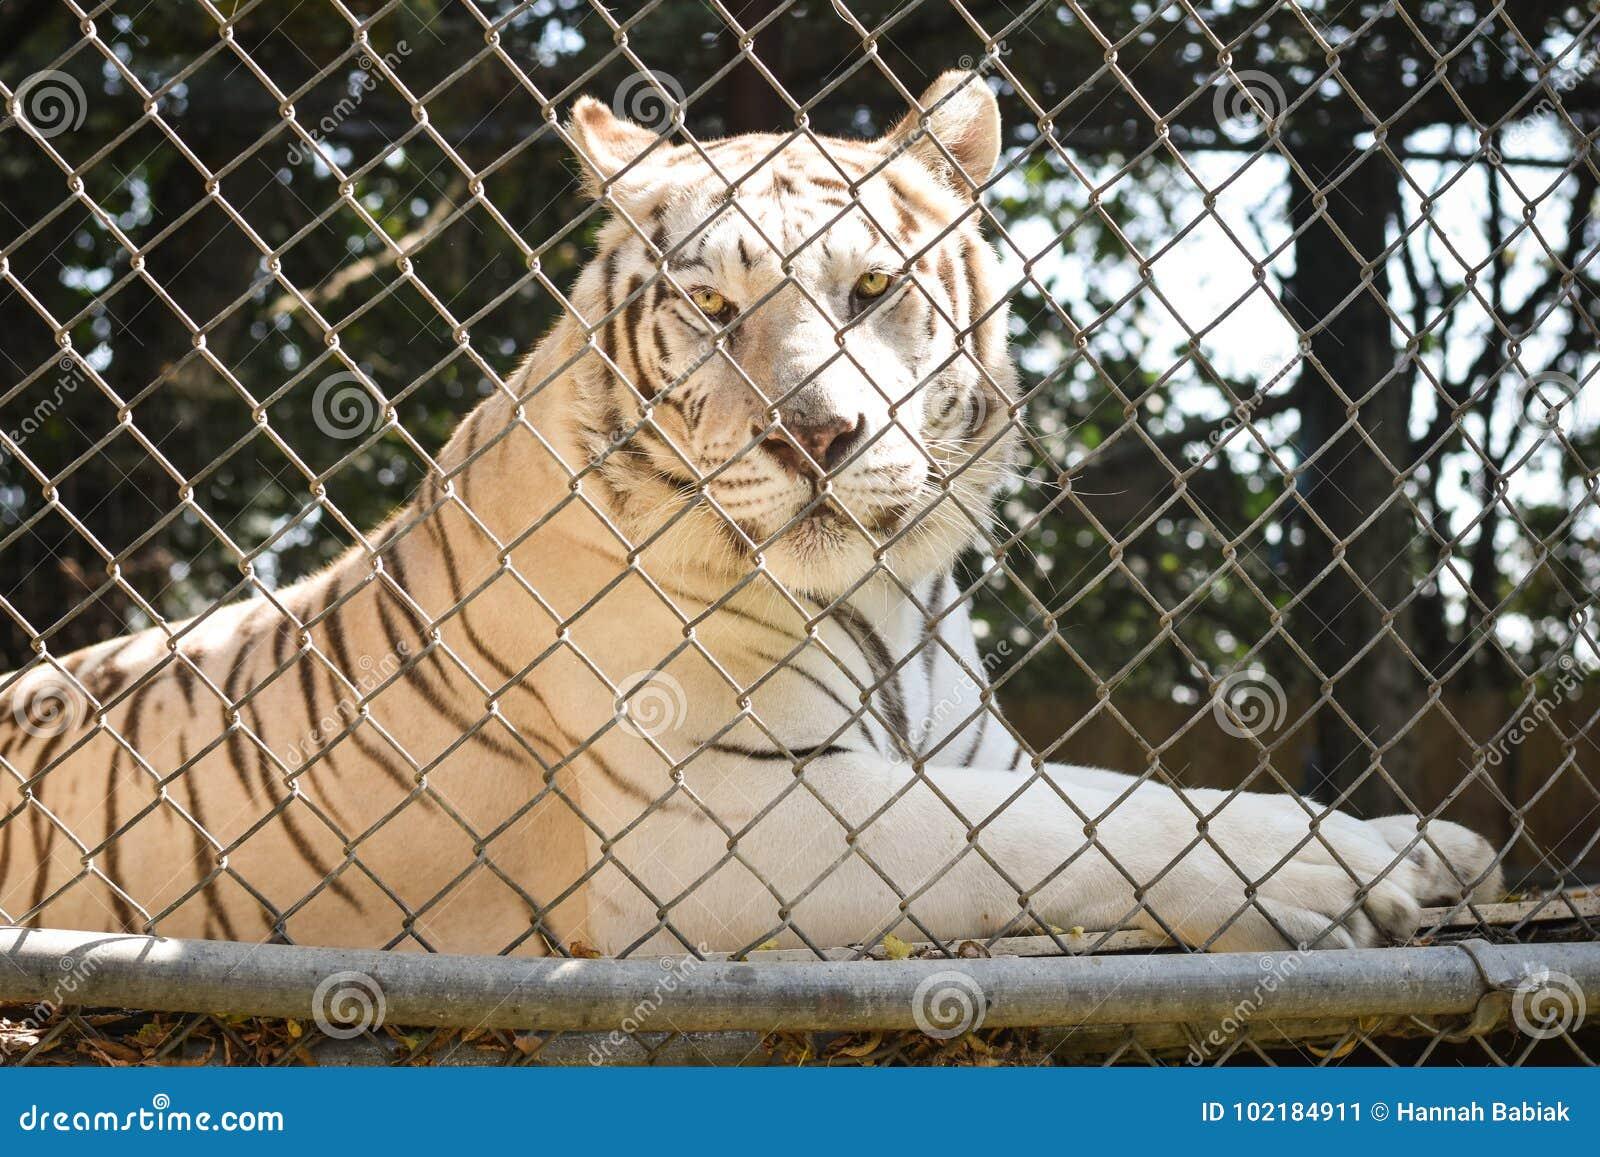 Tigre blanco en cautiverio